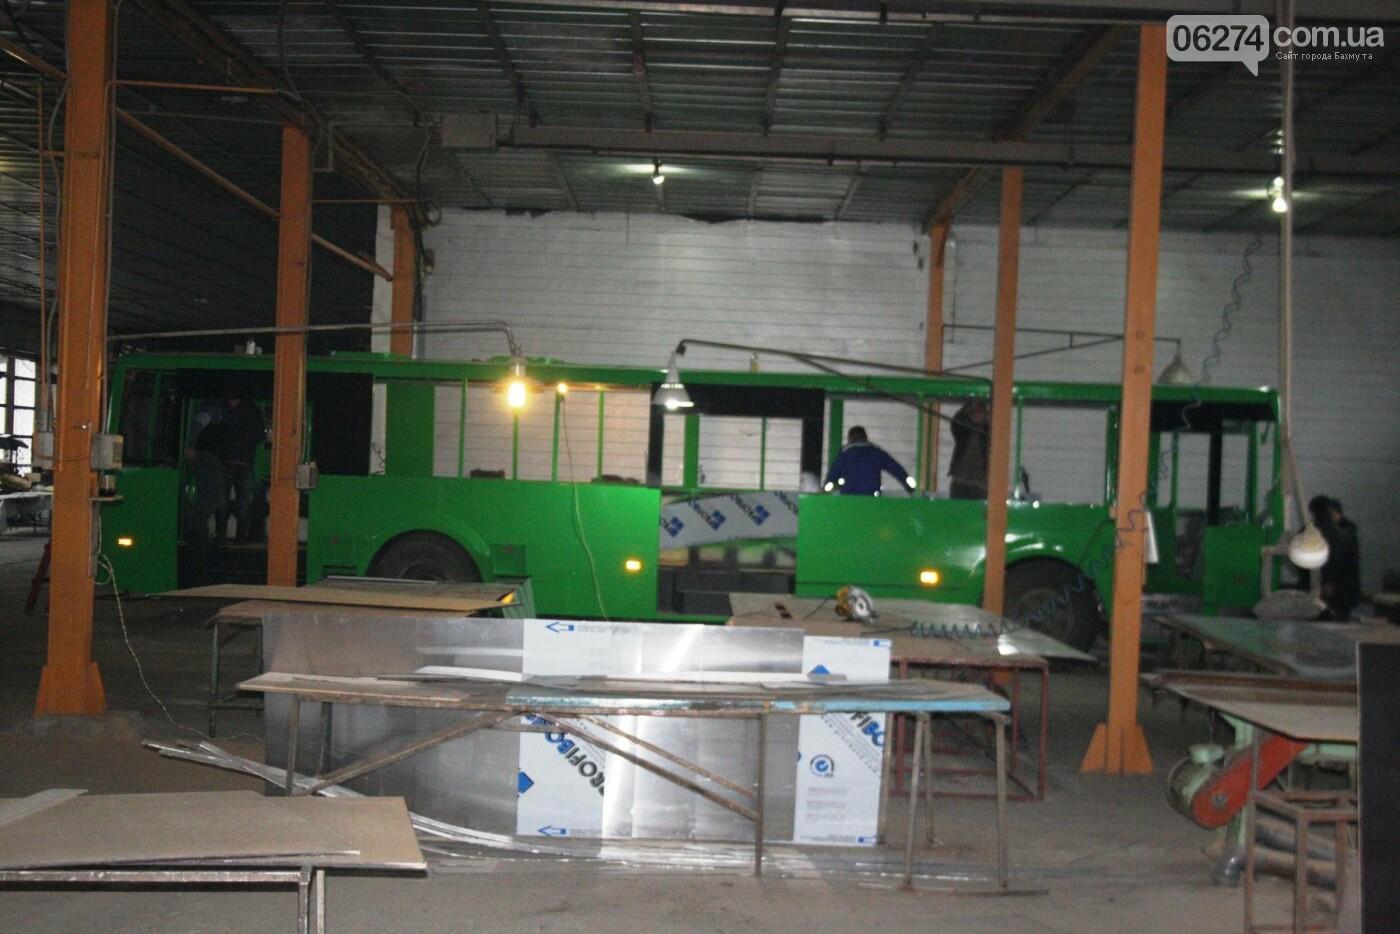 В Часовом Яре проходят работы по капитальному ремонту троллейбуса для Бахмута (ФОТО), фото-6